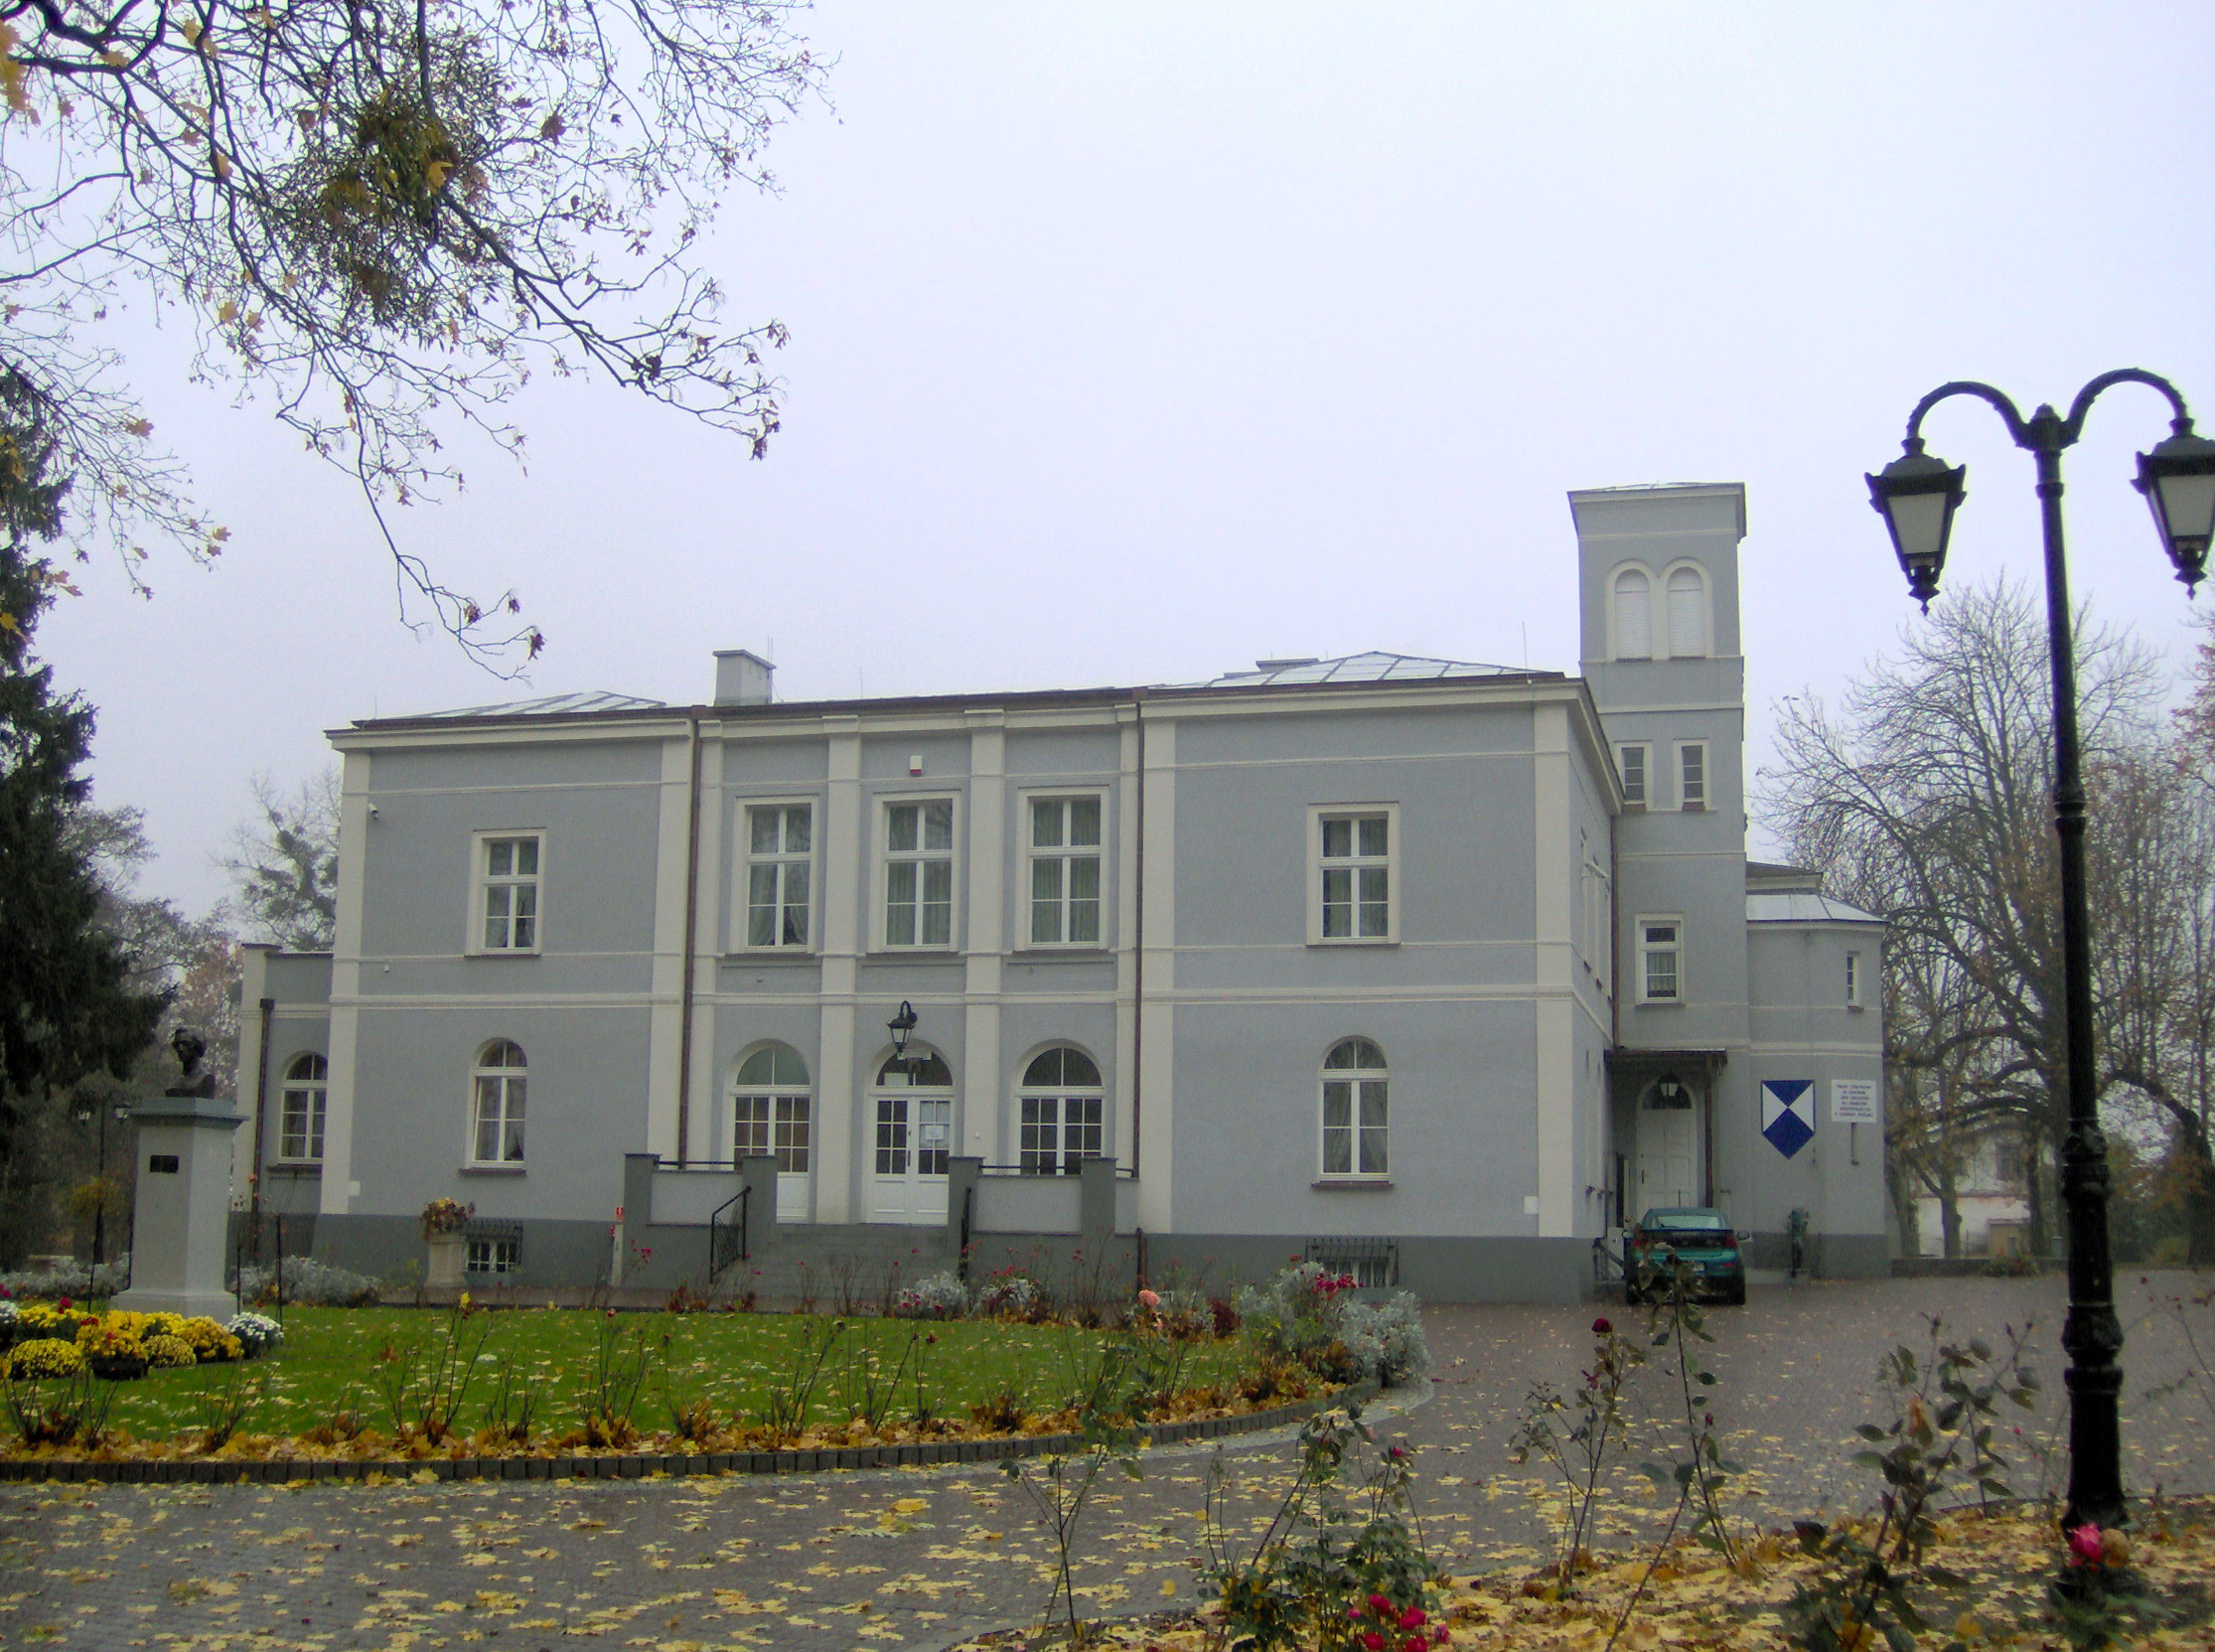 Casa en Szafarnia (Dobrzyń) donde Chopin veraneó en 1824.